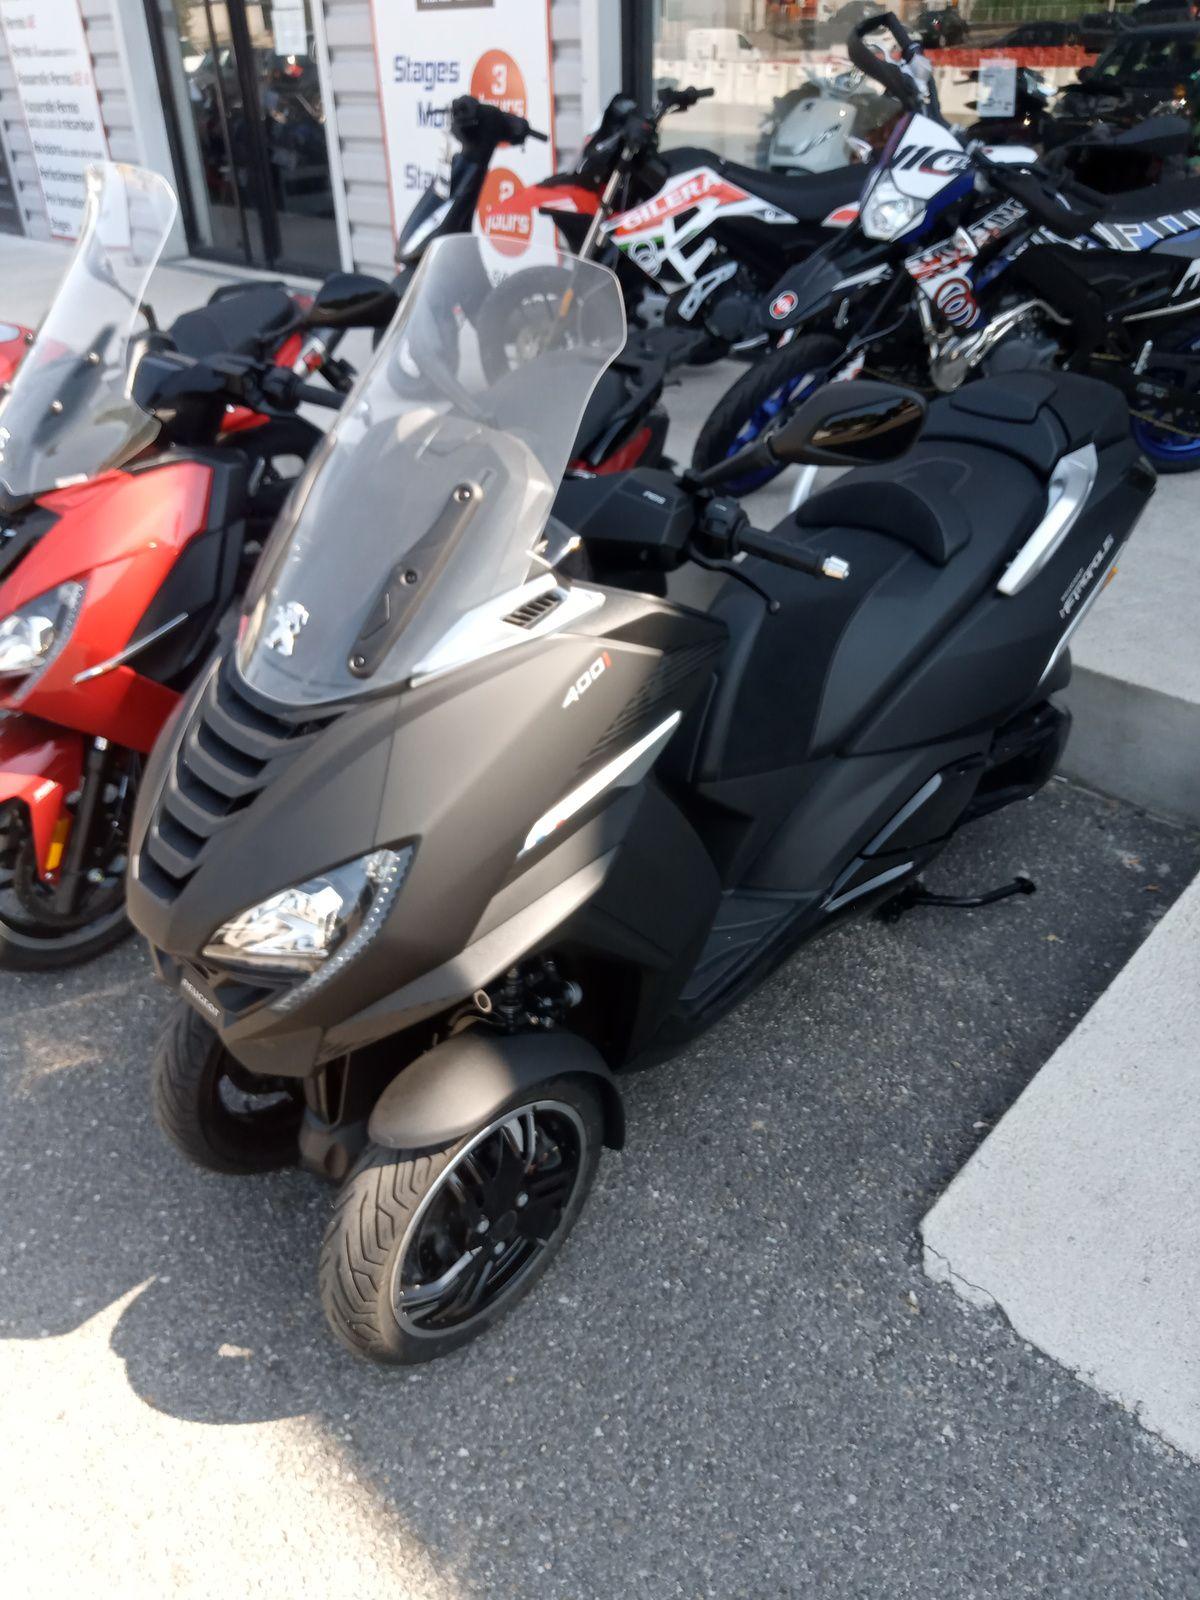 nouveau scooter 3 roues marque peugeot chez motostore30